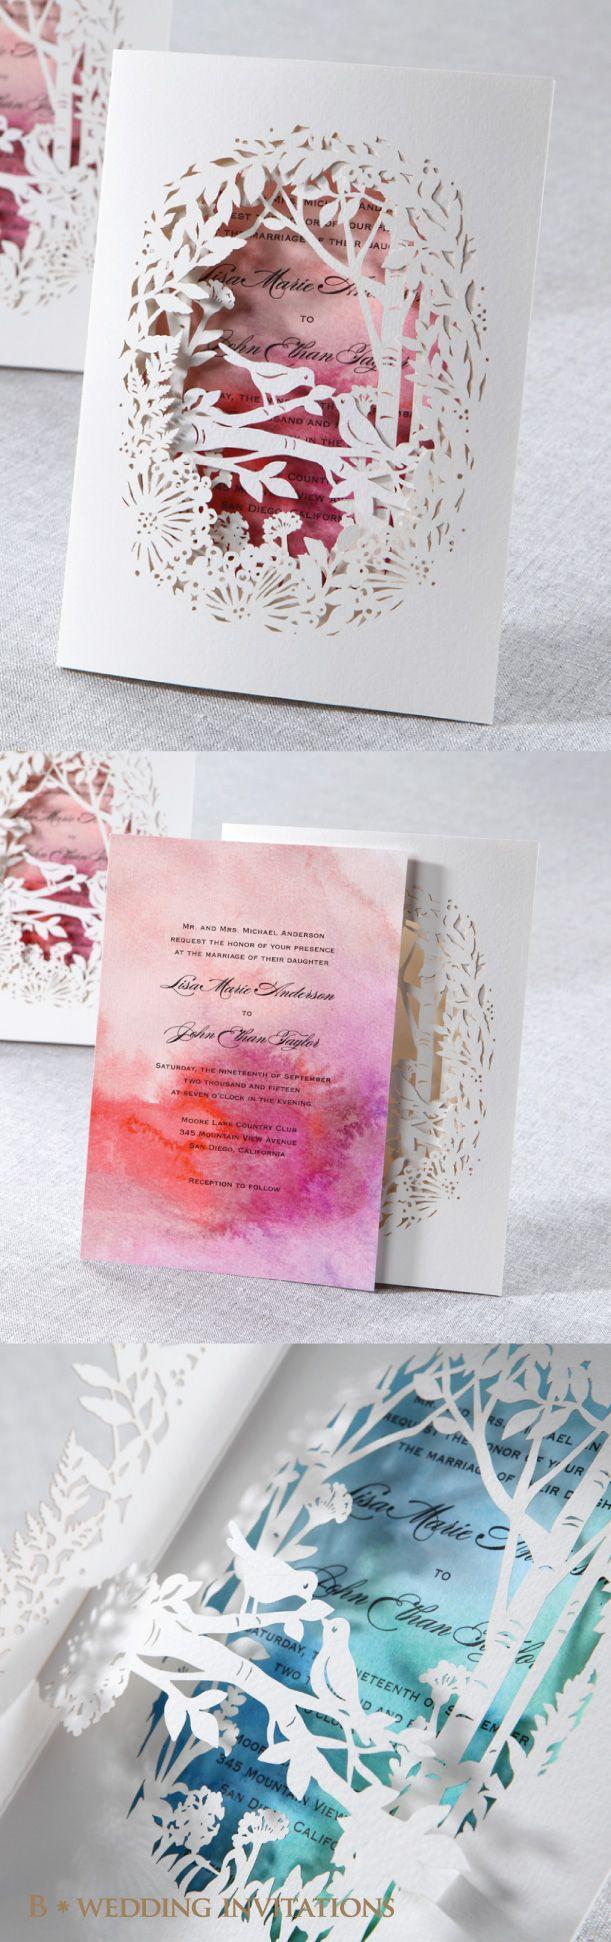 Laser Cut Forest 3D Pocket Wedding Stationery by B Wedding Invitations